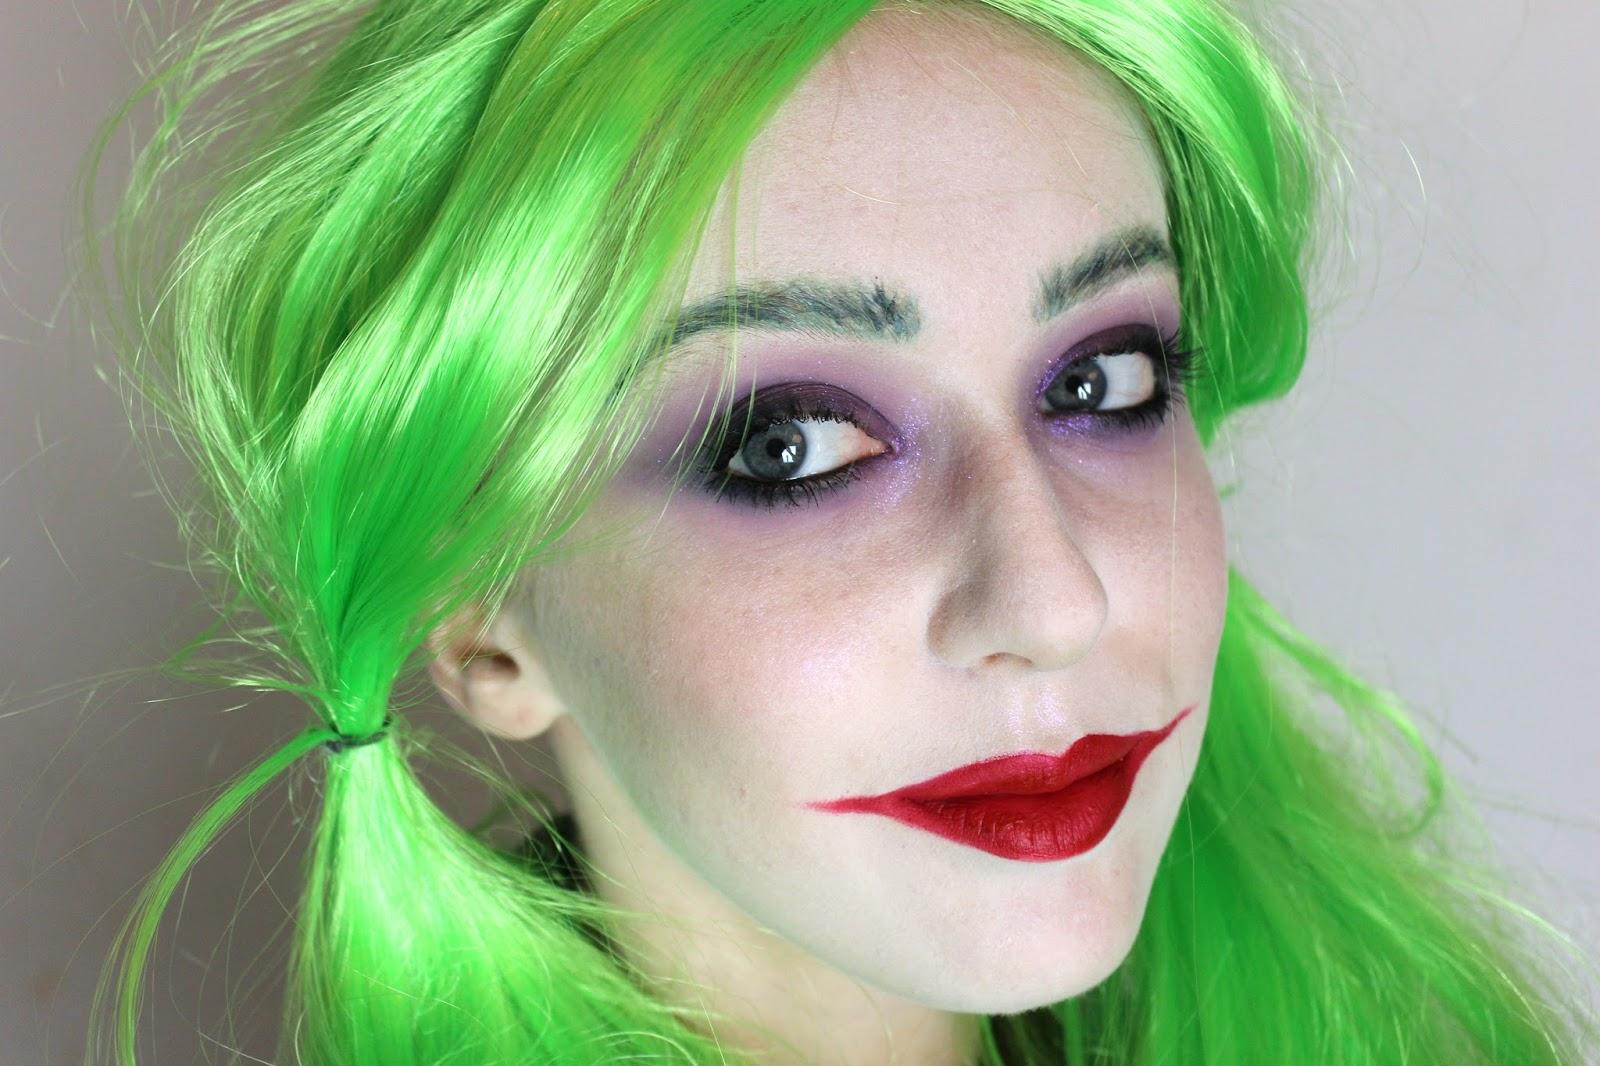 little miss joker halloween makeup tutorial | editing eloise